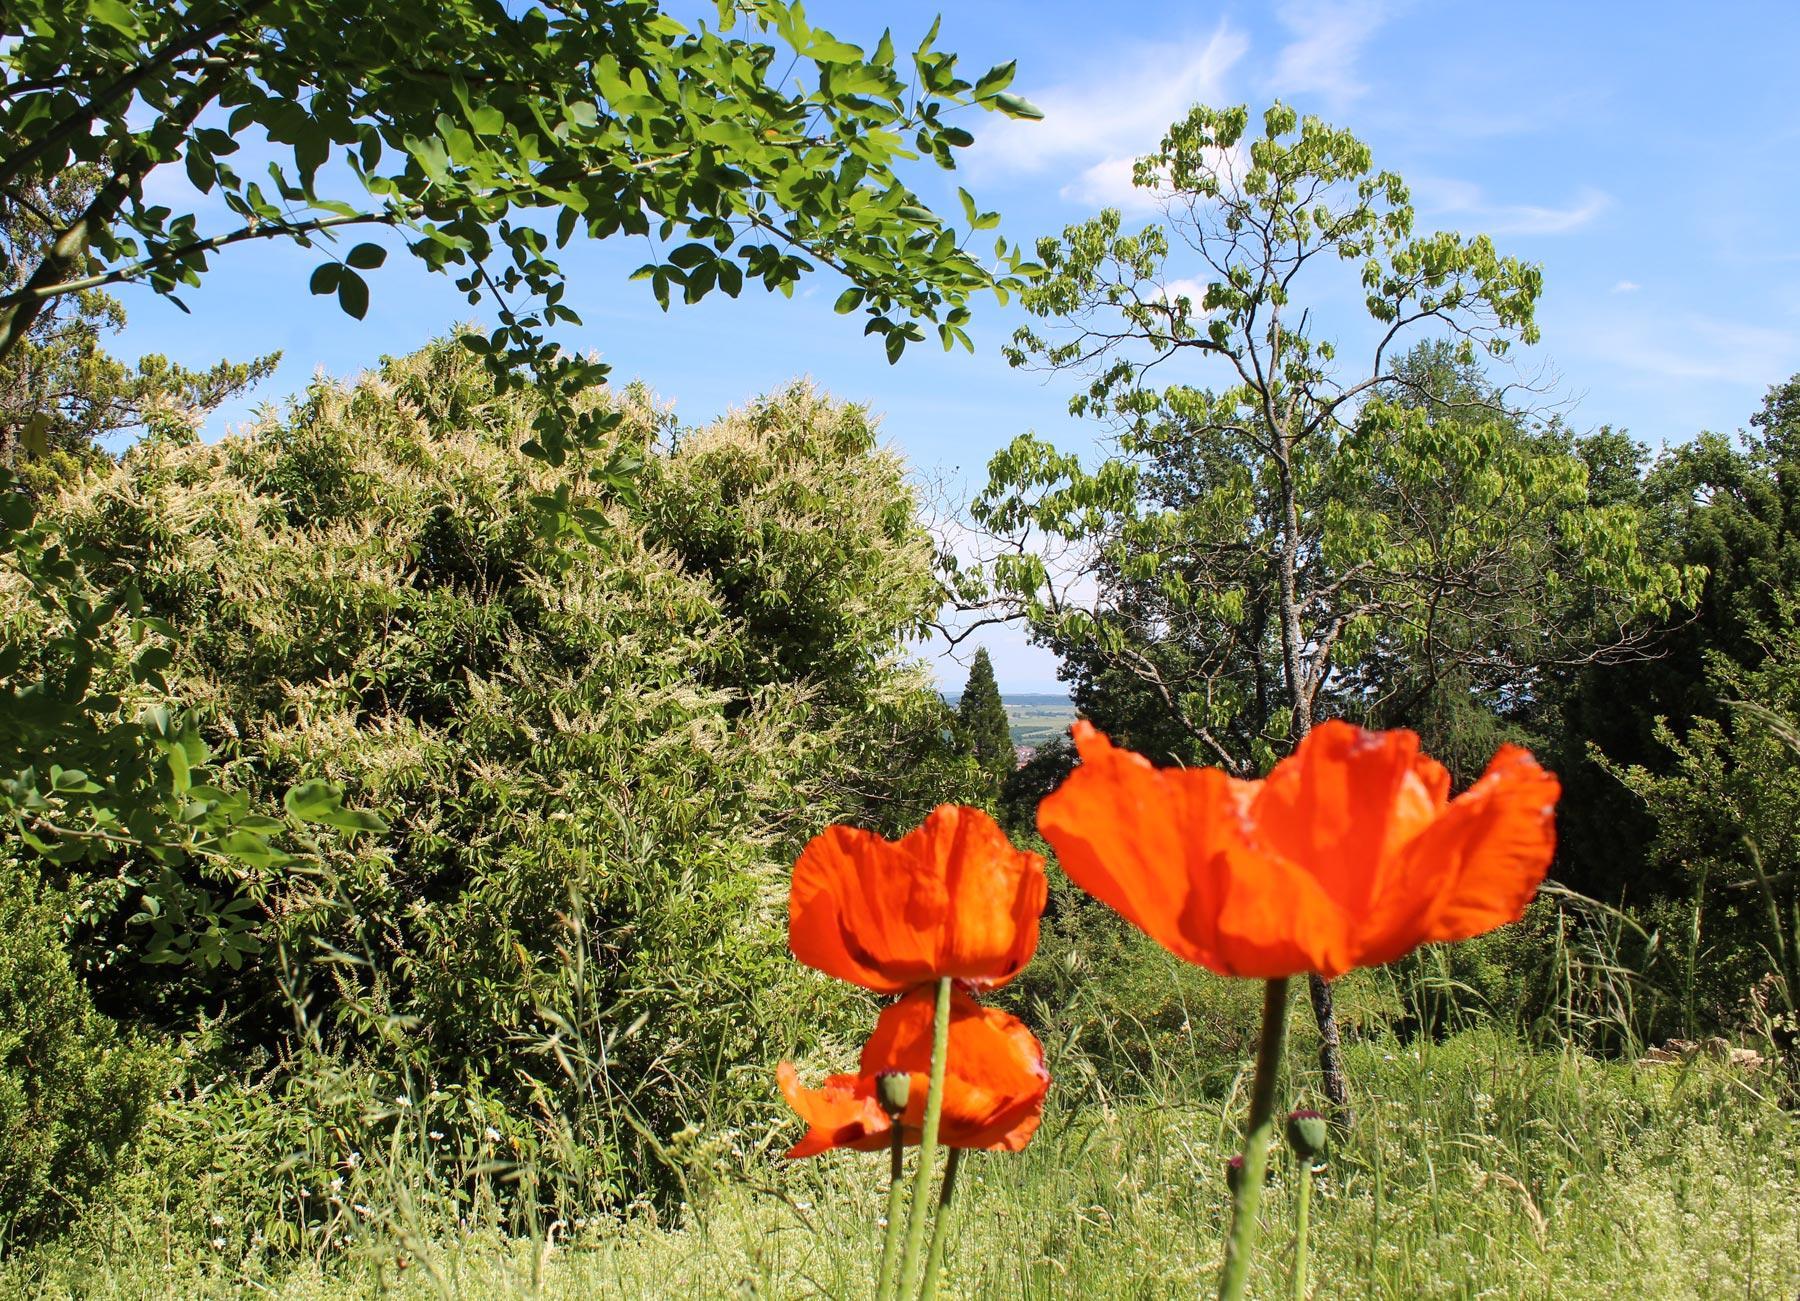 Visite guid e jardin botanique neuwiller l s saverne for Jardin a visiter 78